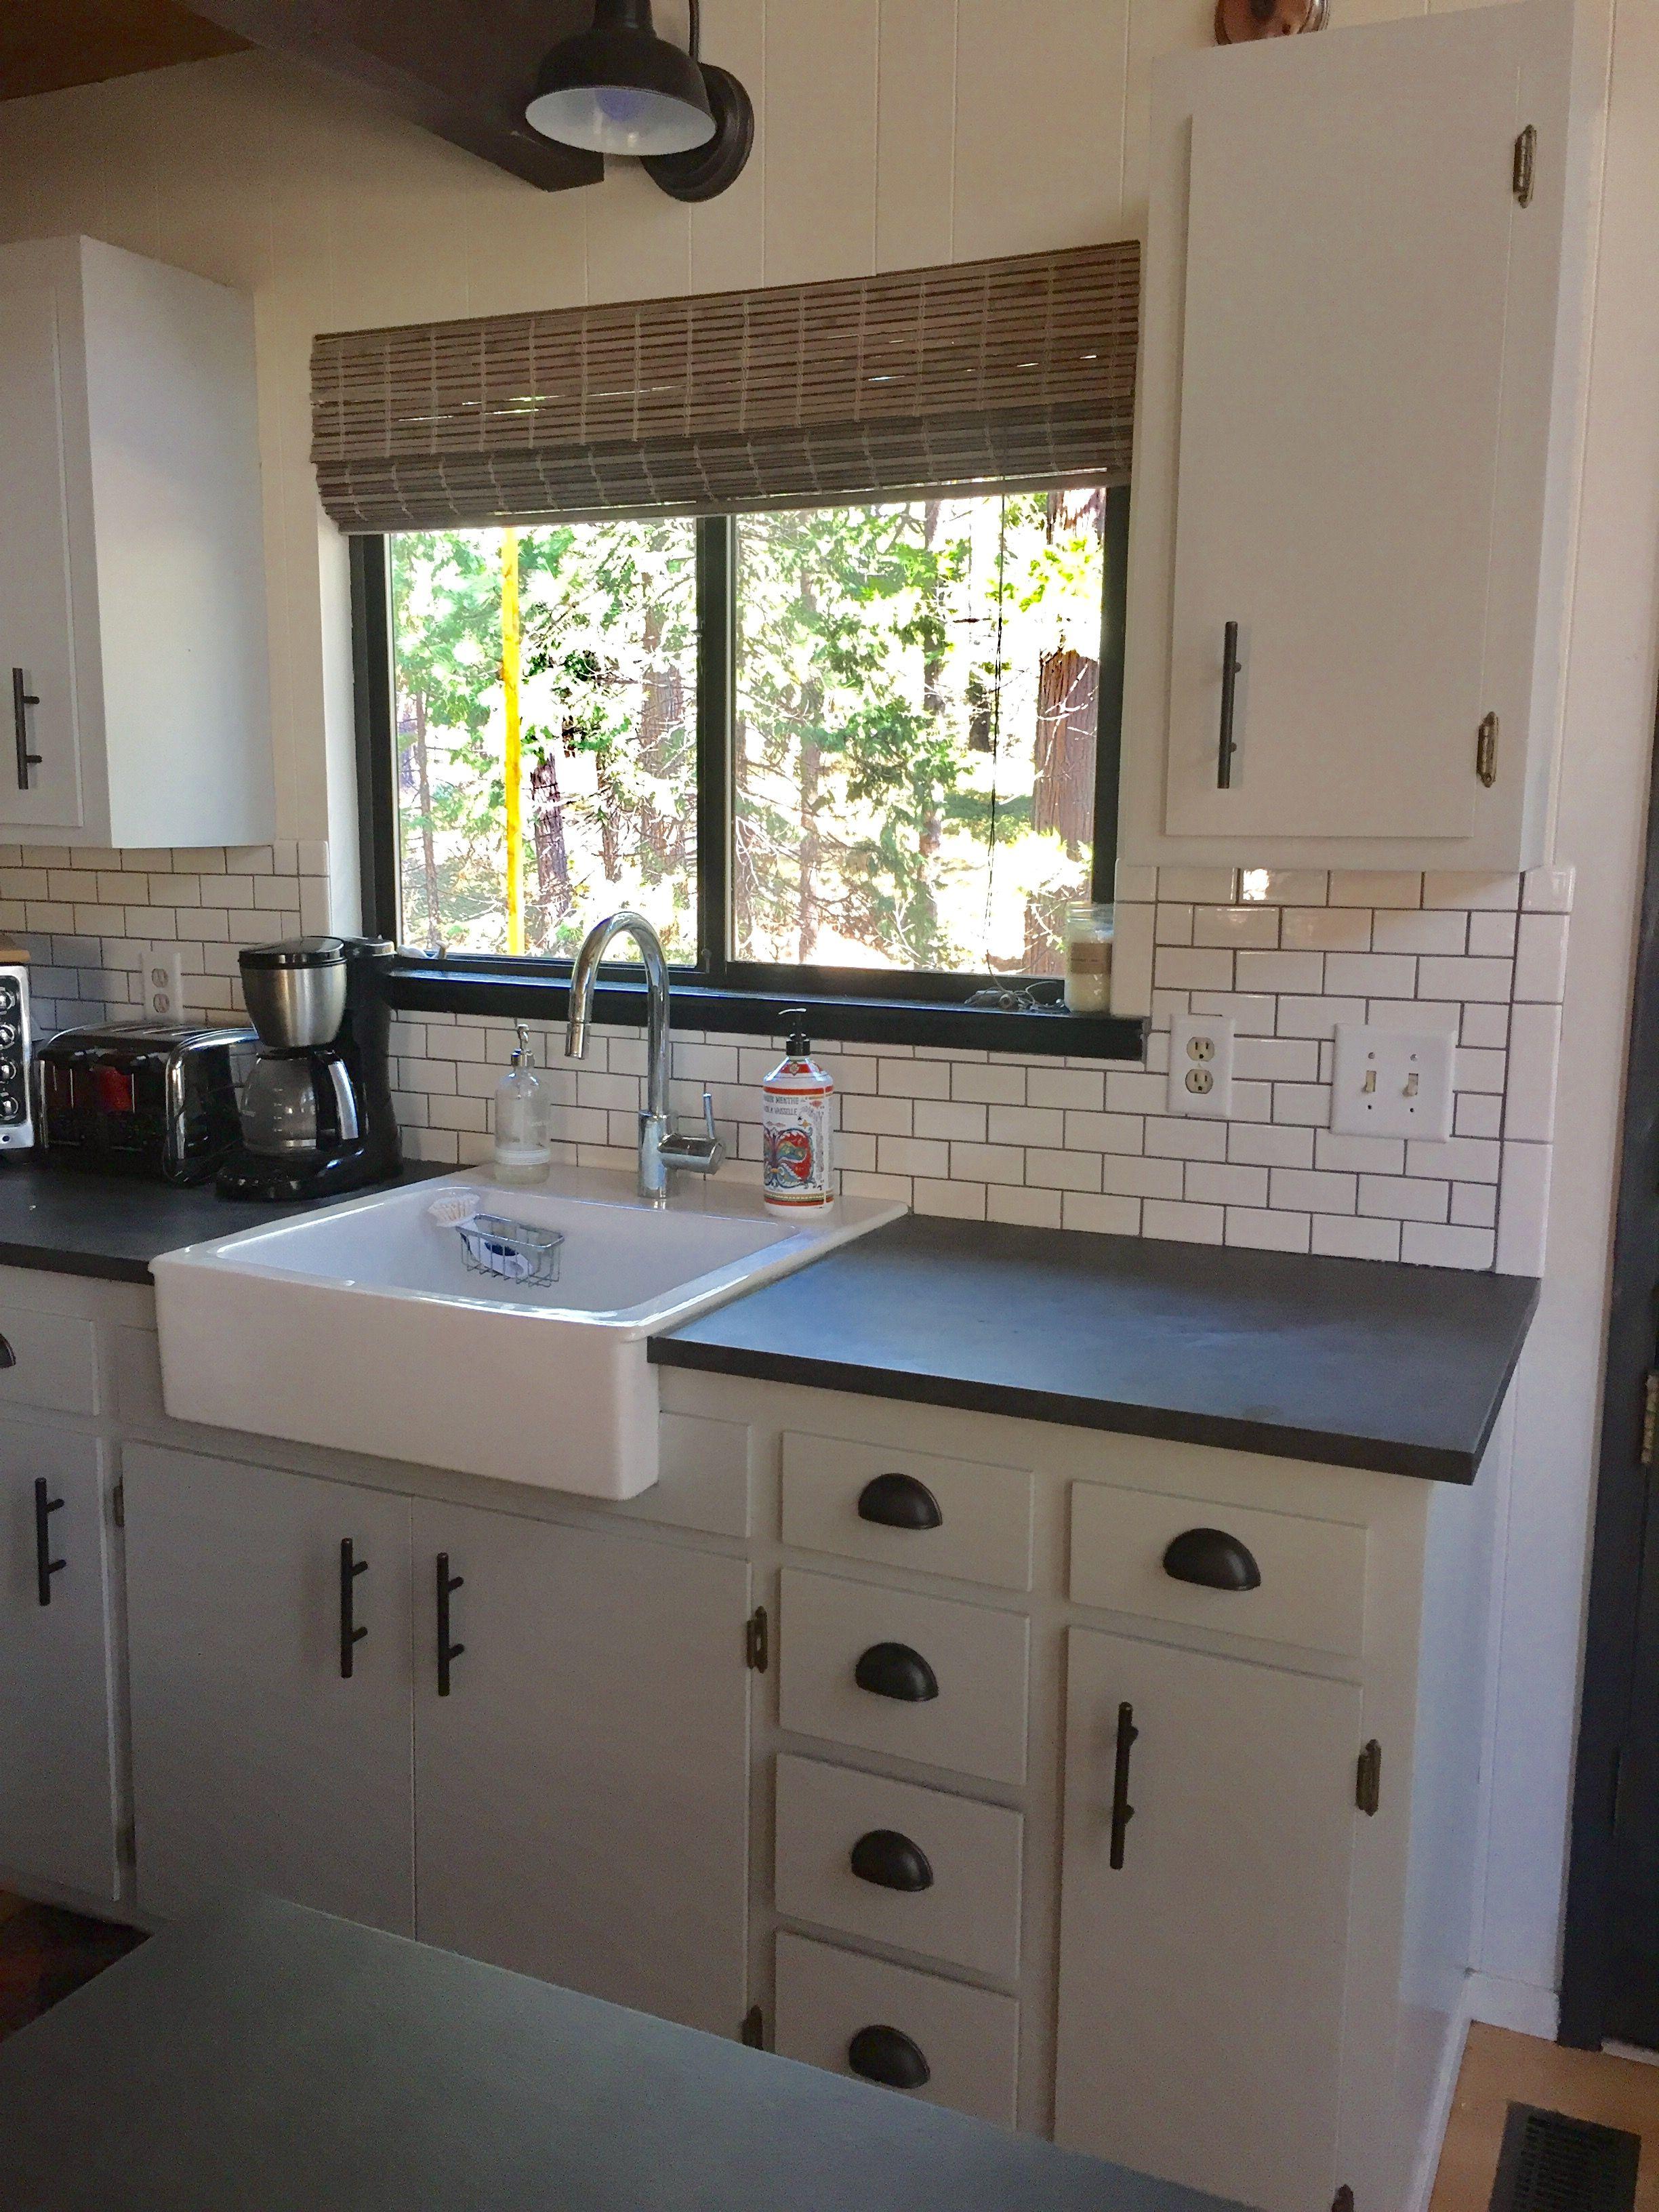 Pin von Sara McAfee auf Arnold cabin - Kitchen Ideas | Pinterest